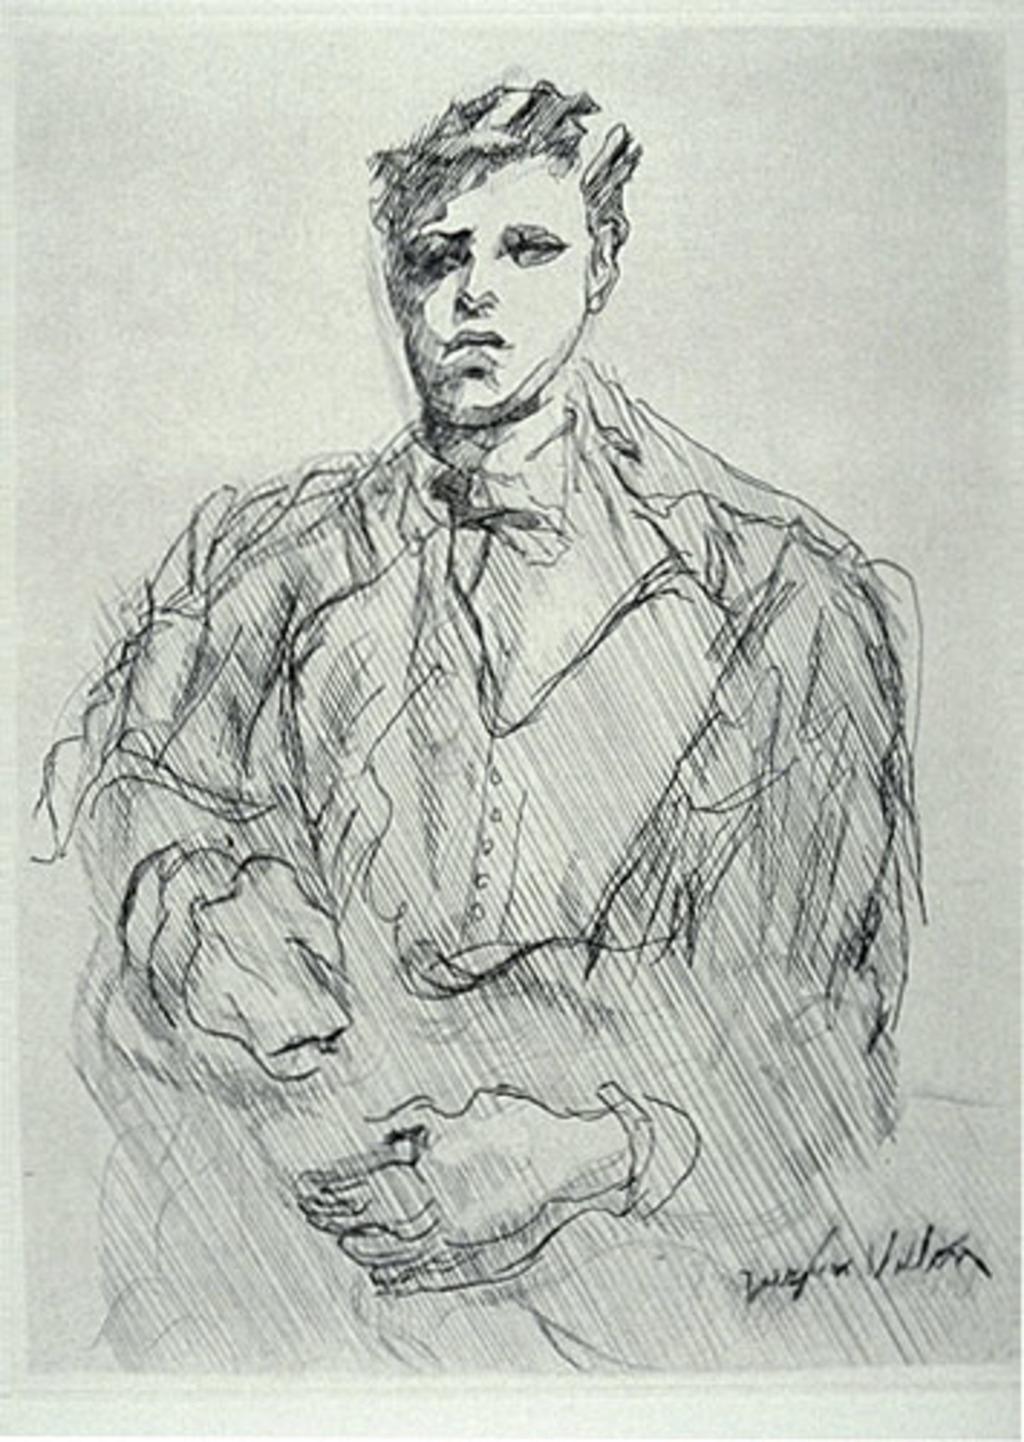 Hommage à Rimbaud